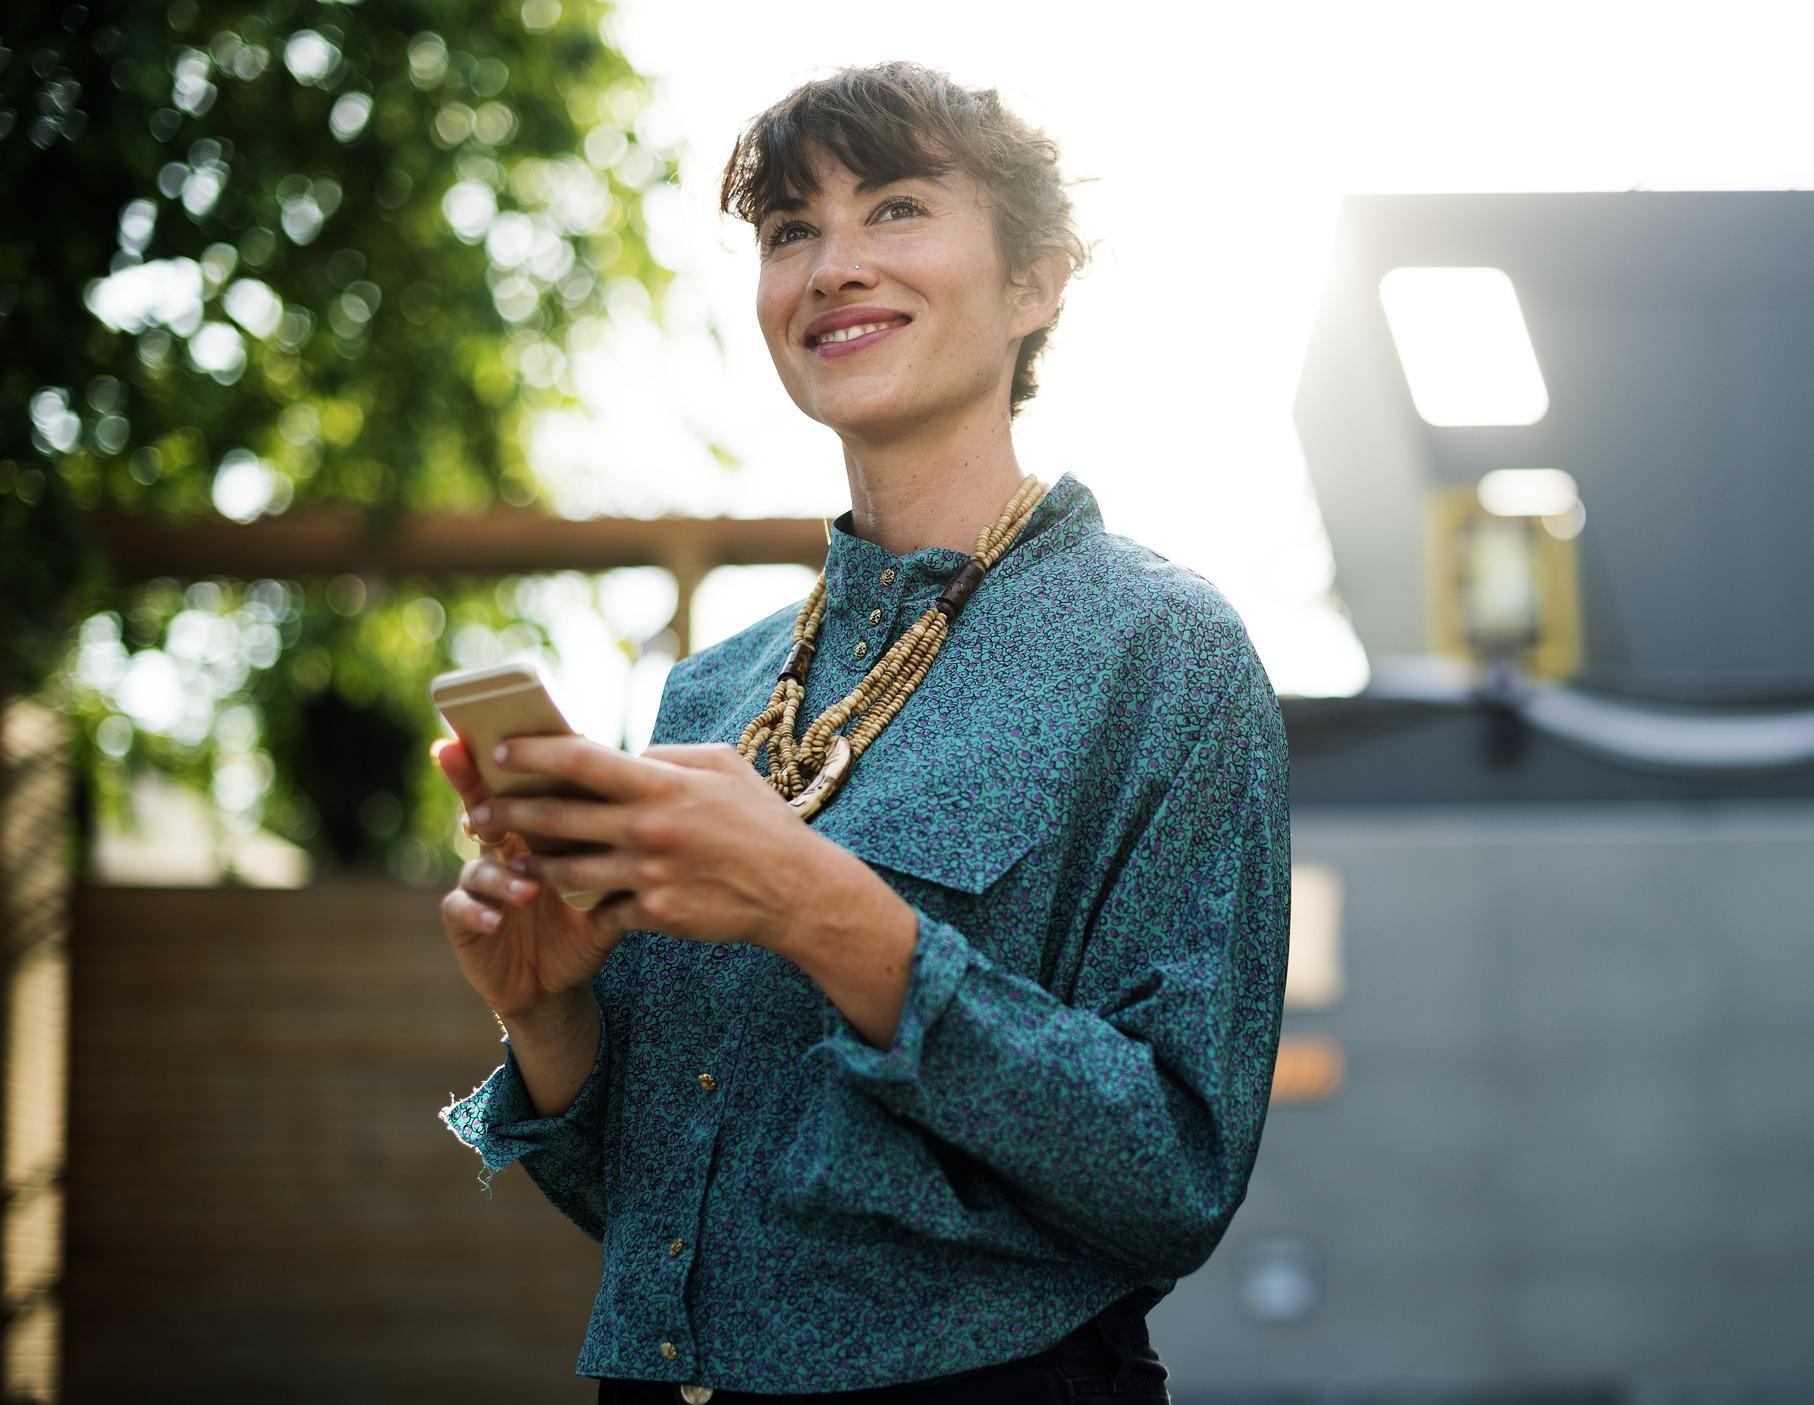 Quelles applications mobiles télécharger quand on est un professionnel en voyages ?